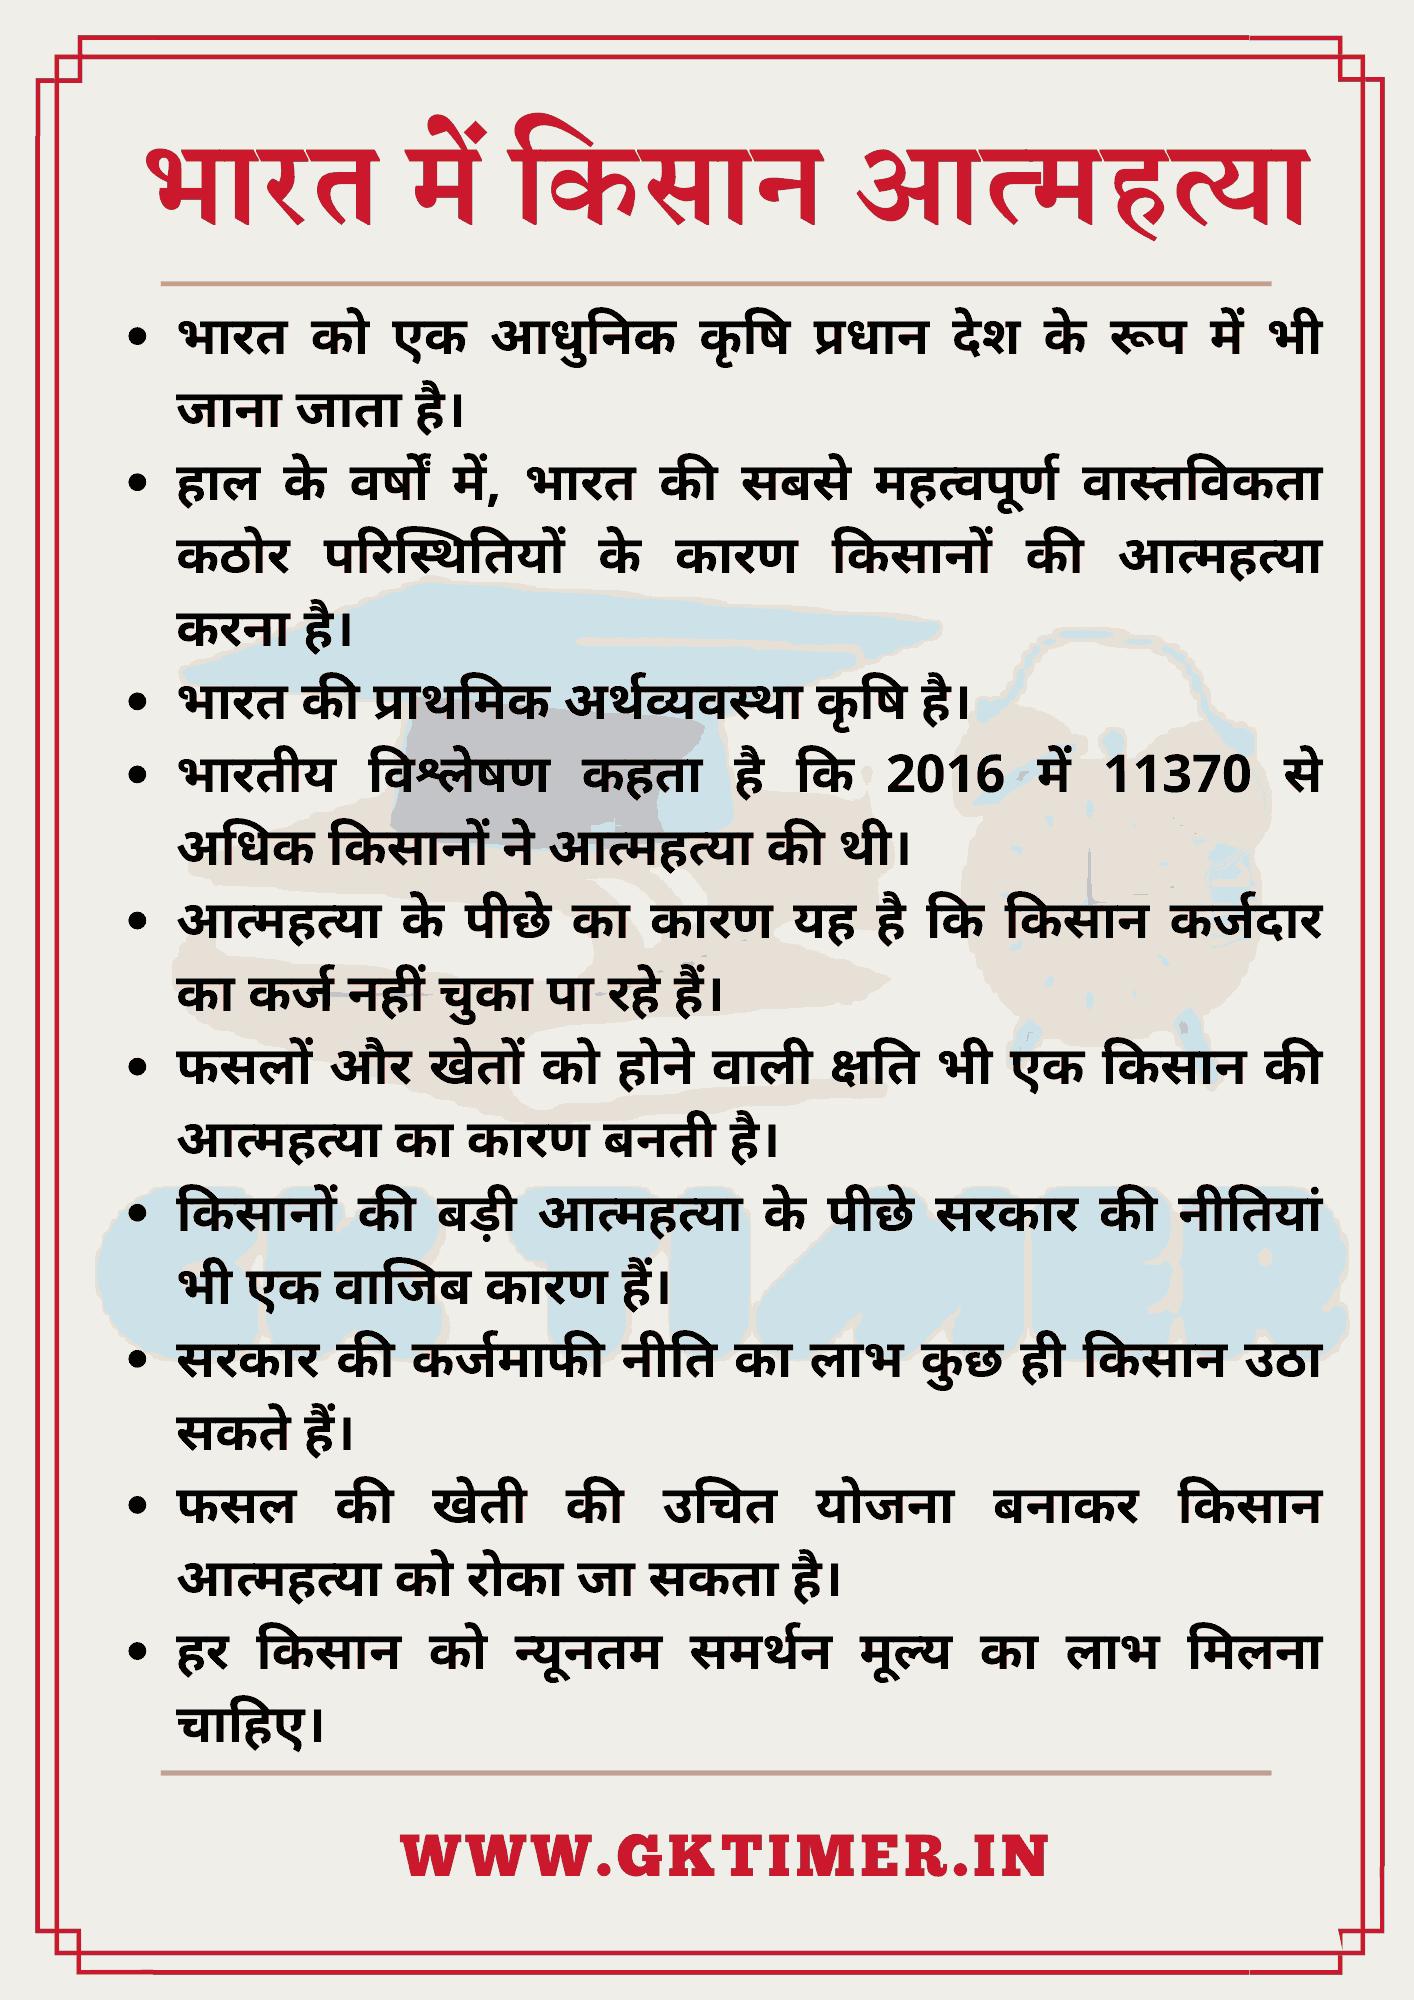 भारत में किसान आत्महत्या पर निबंध   Essay on Farmer Suicide in India in Hindi   10 Lines on Farmer Suicide in India in Hindi